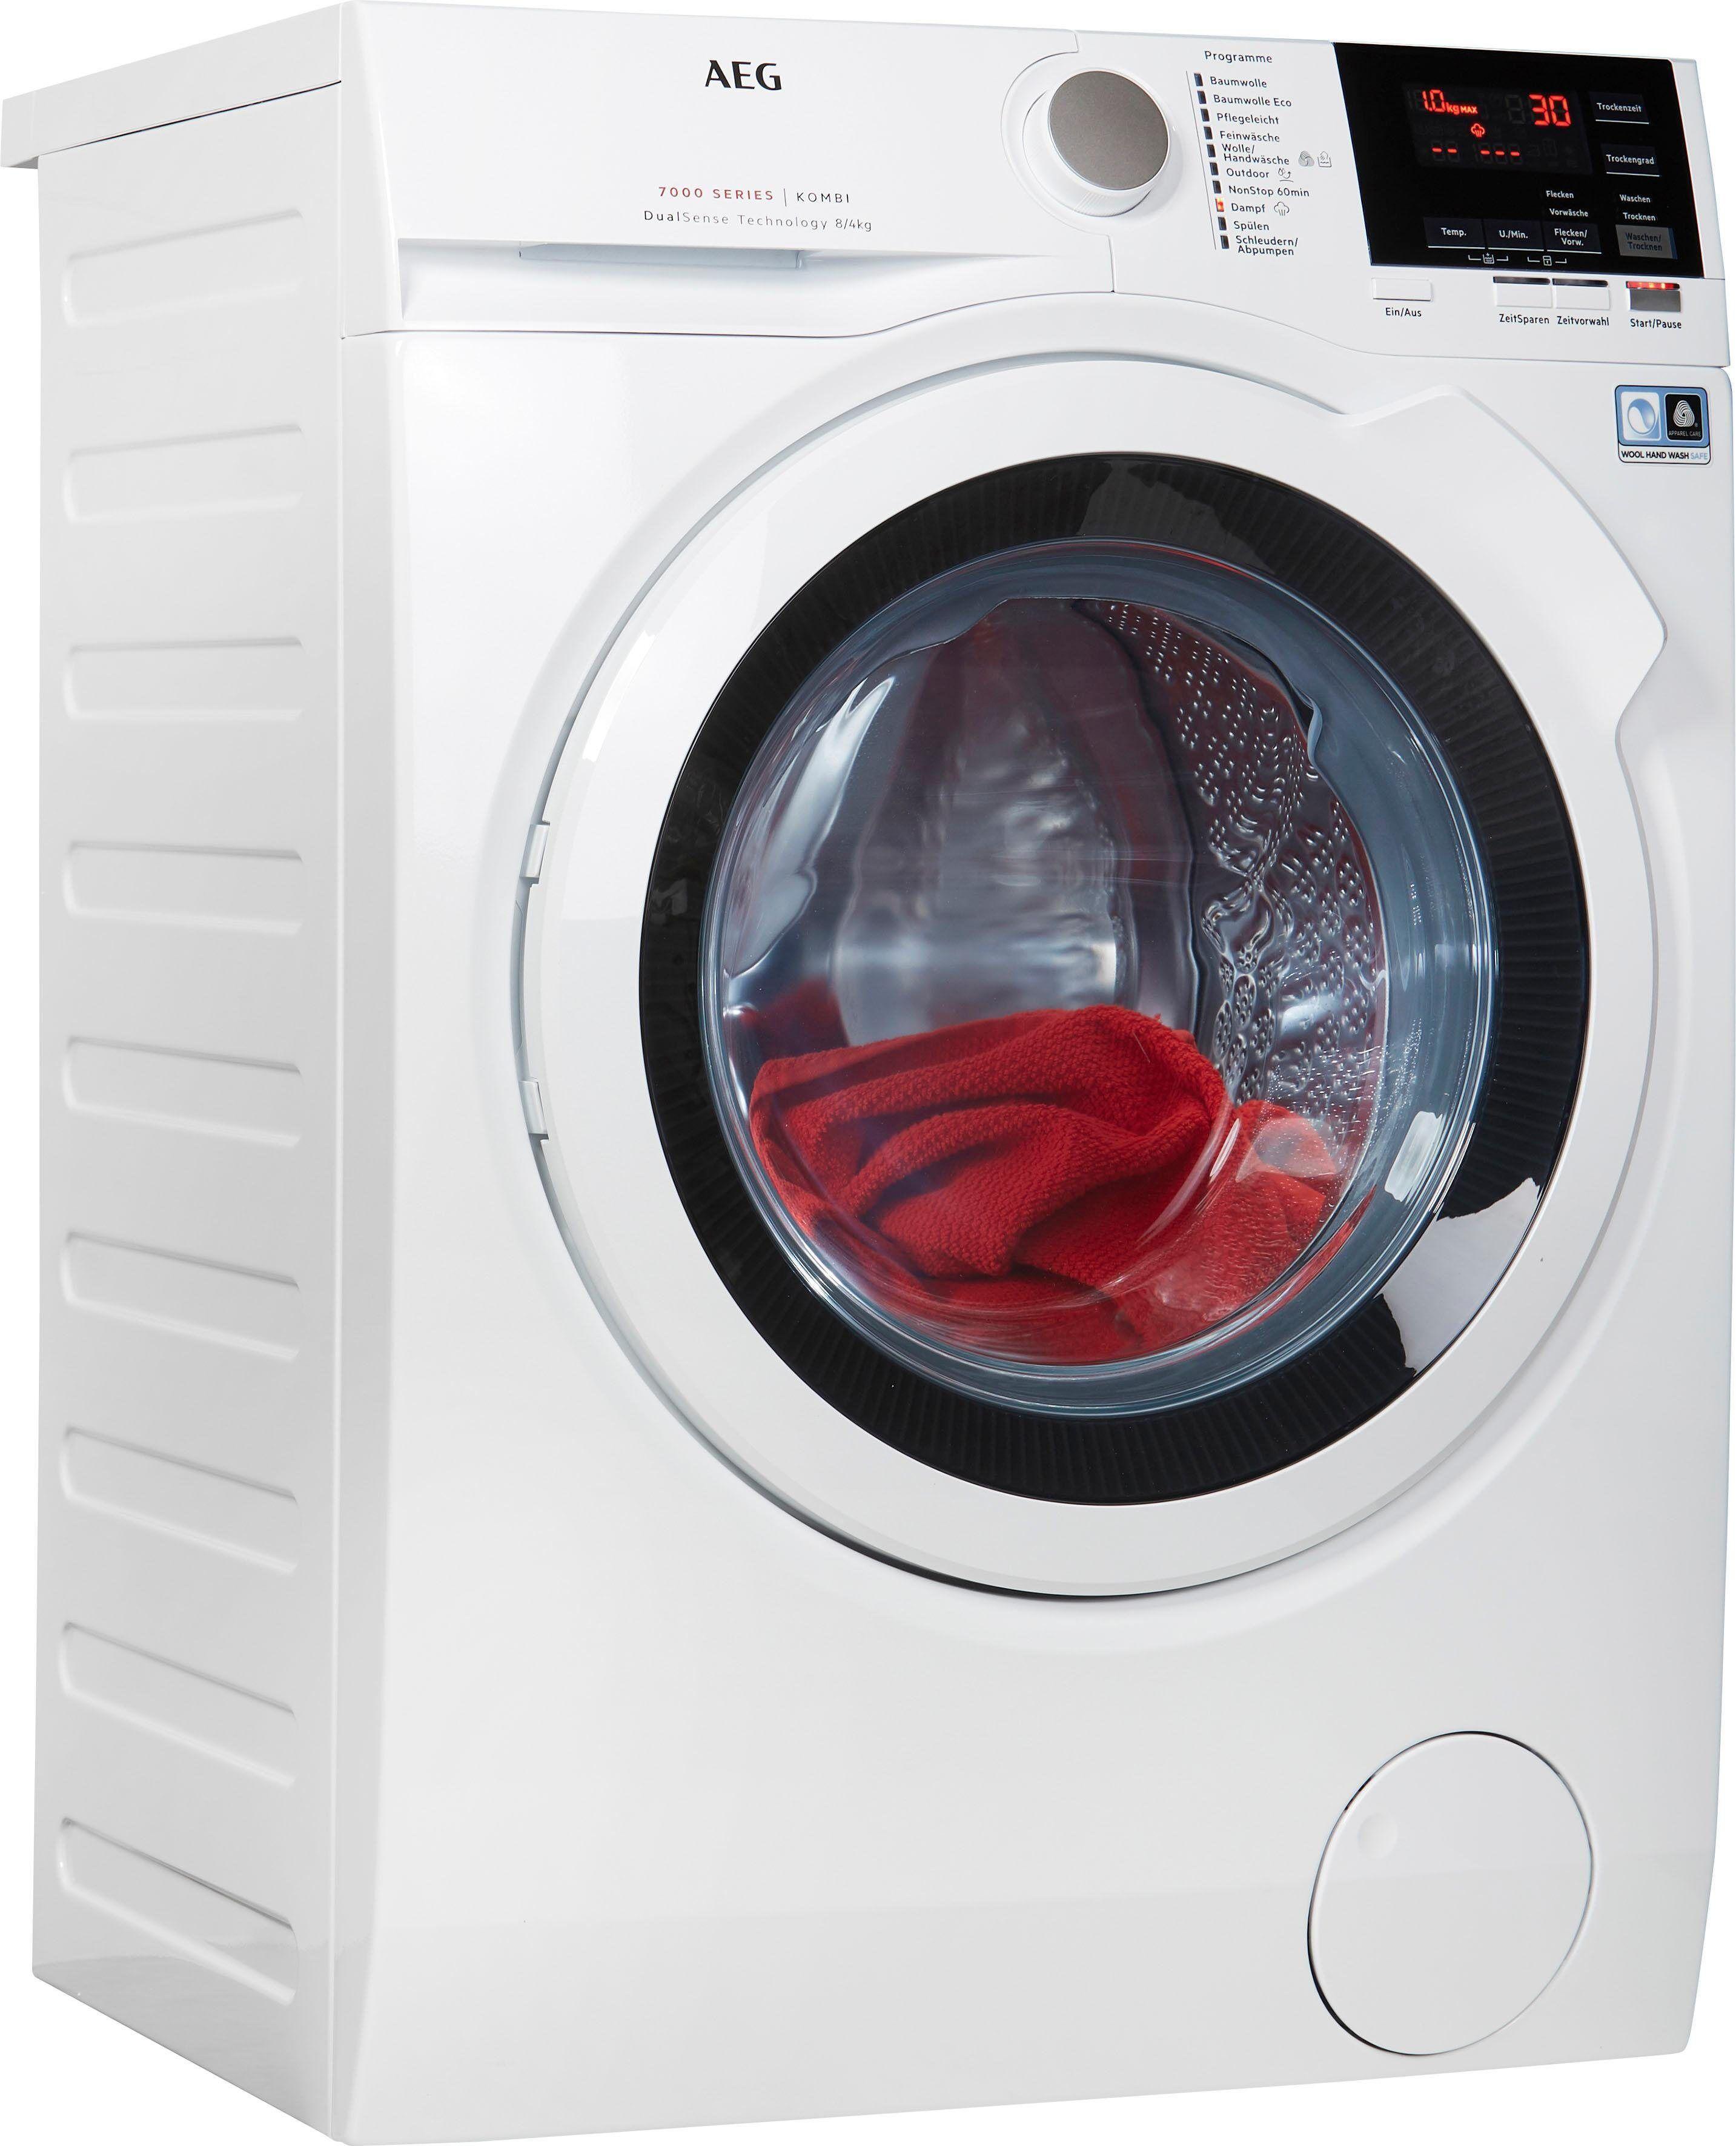 AEG Waschtrockner Serie 7000 LAVAMAT KOMBI L7WB65684, 8 kg/4 kg, 1600 U/Min, mit DualSense für schonende Pflege, Energieeffizienzklasse A